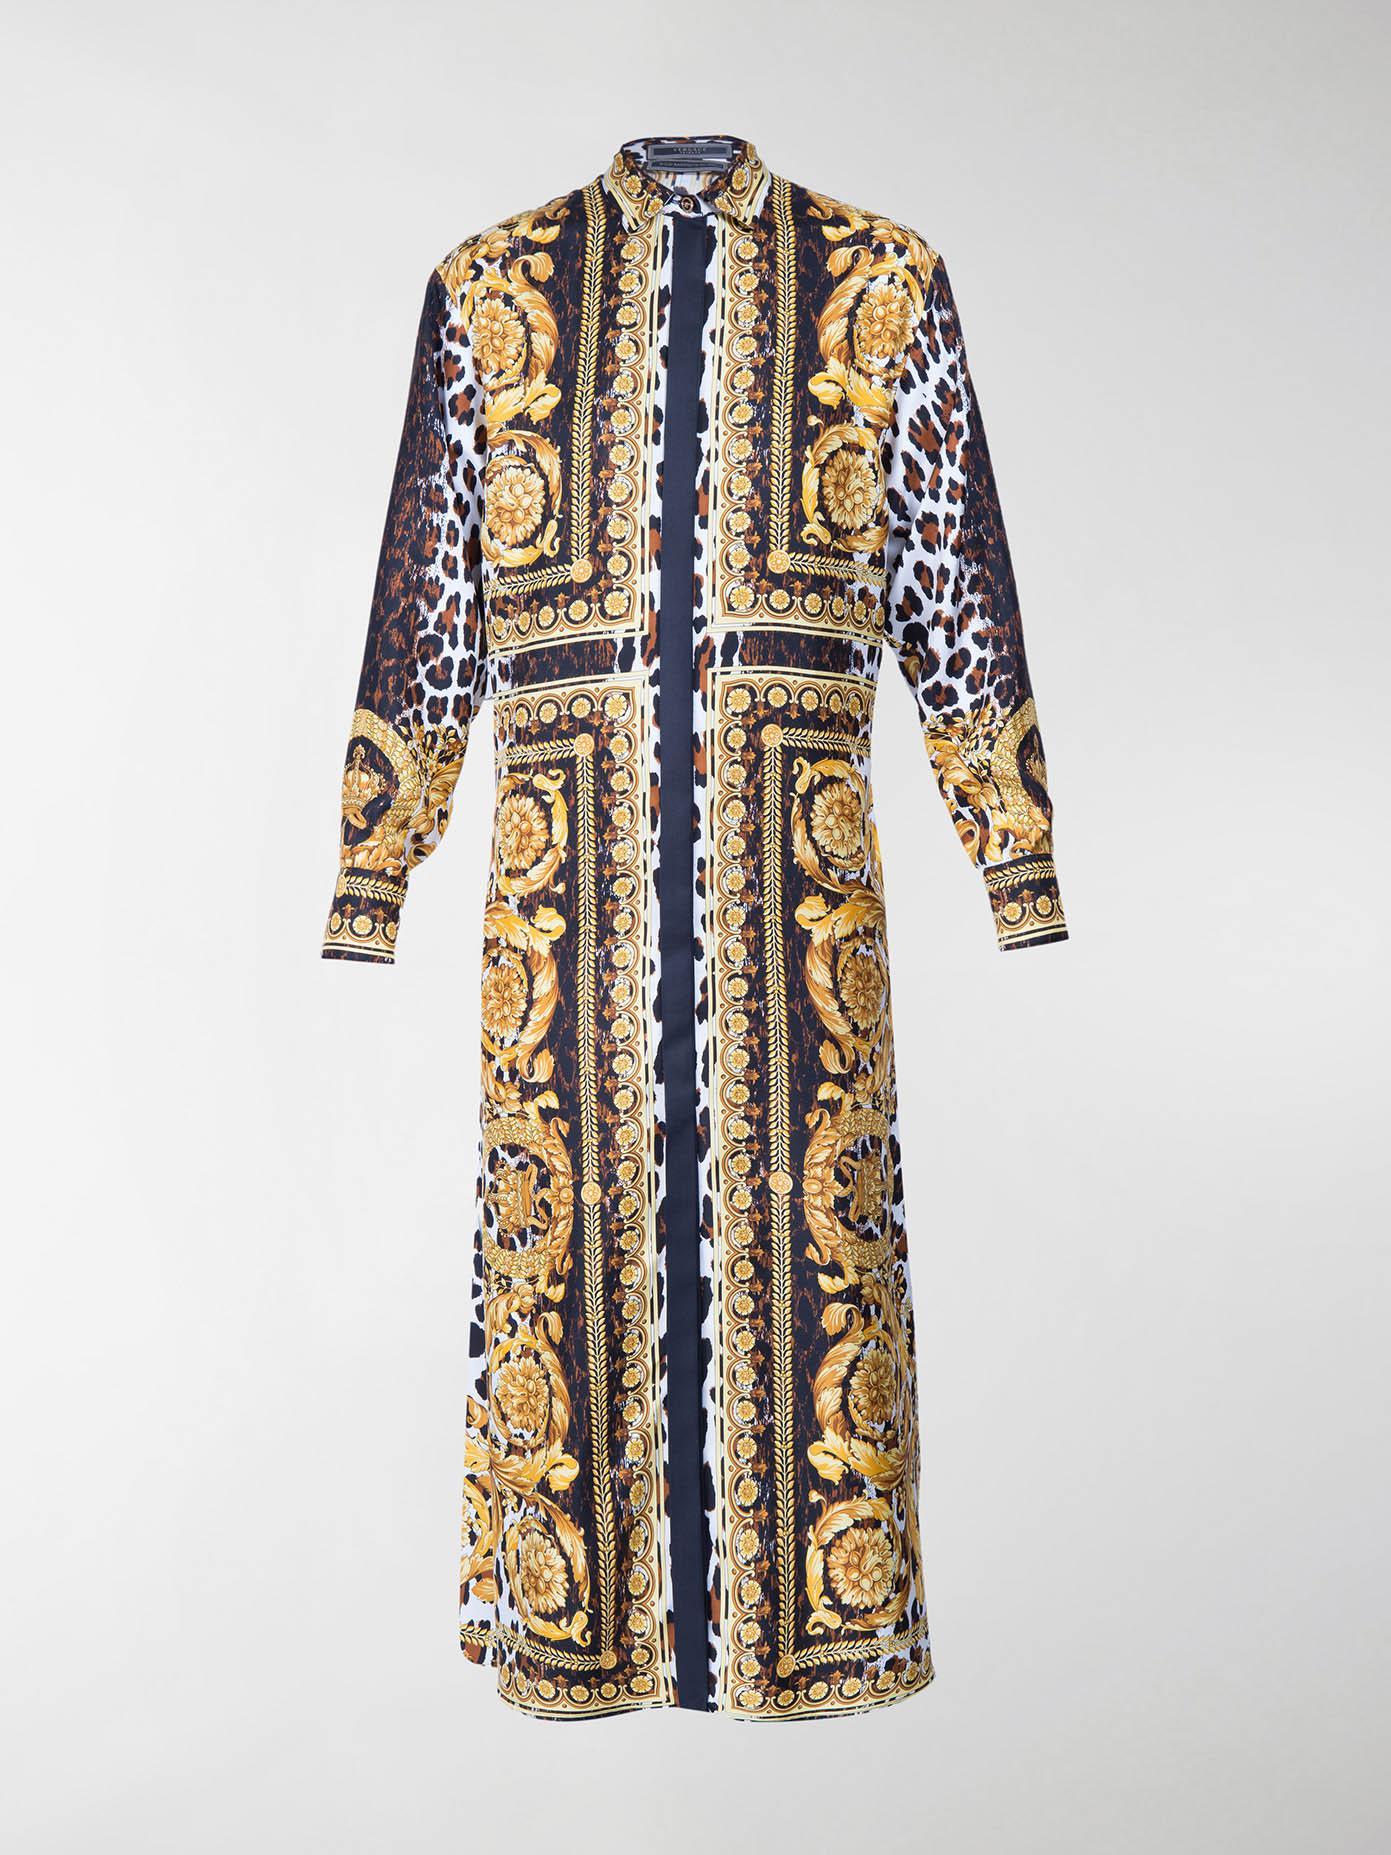 51370cb7 Versace Wild Baroque Long Silk Shirt - Lyst